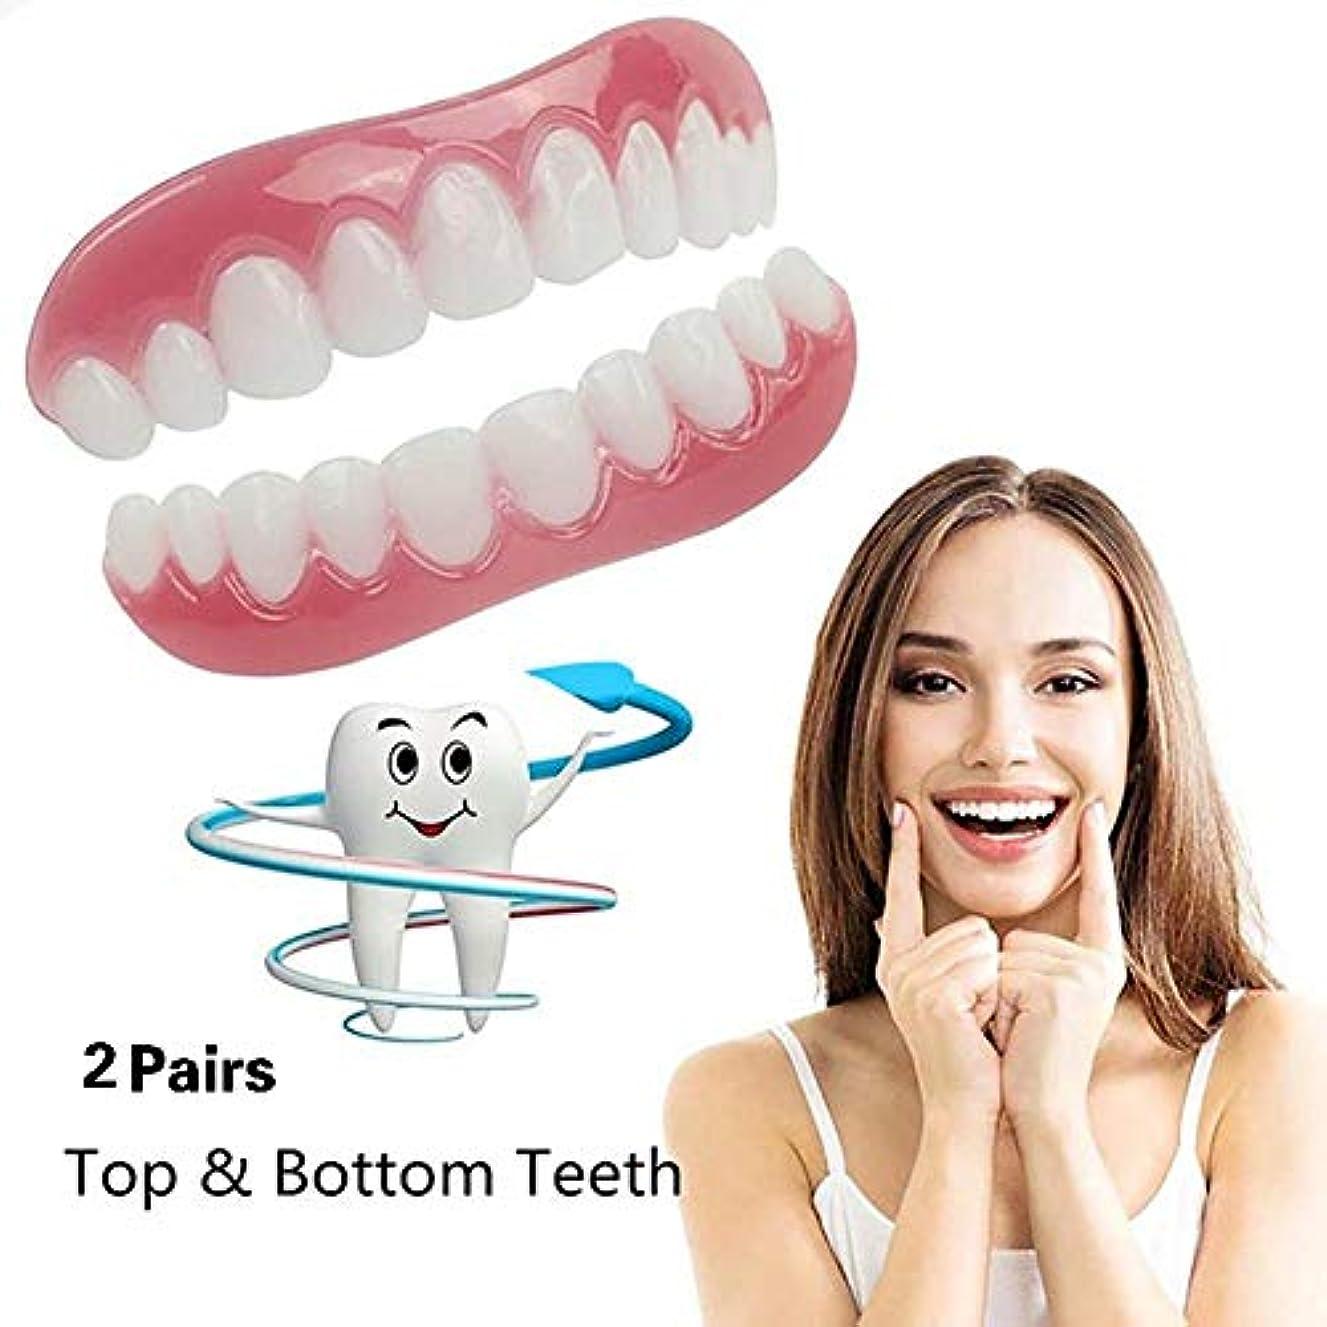 拮抗積極的に流出2対のシリコーンの歯のベニヤの歯の快適さのフィットフレックス化粧品の歯義歯の歯のトップとボトム化粧品のベニヤのシミュレーションのブレースワンサイズフィットすべて